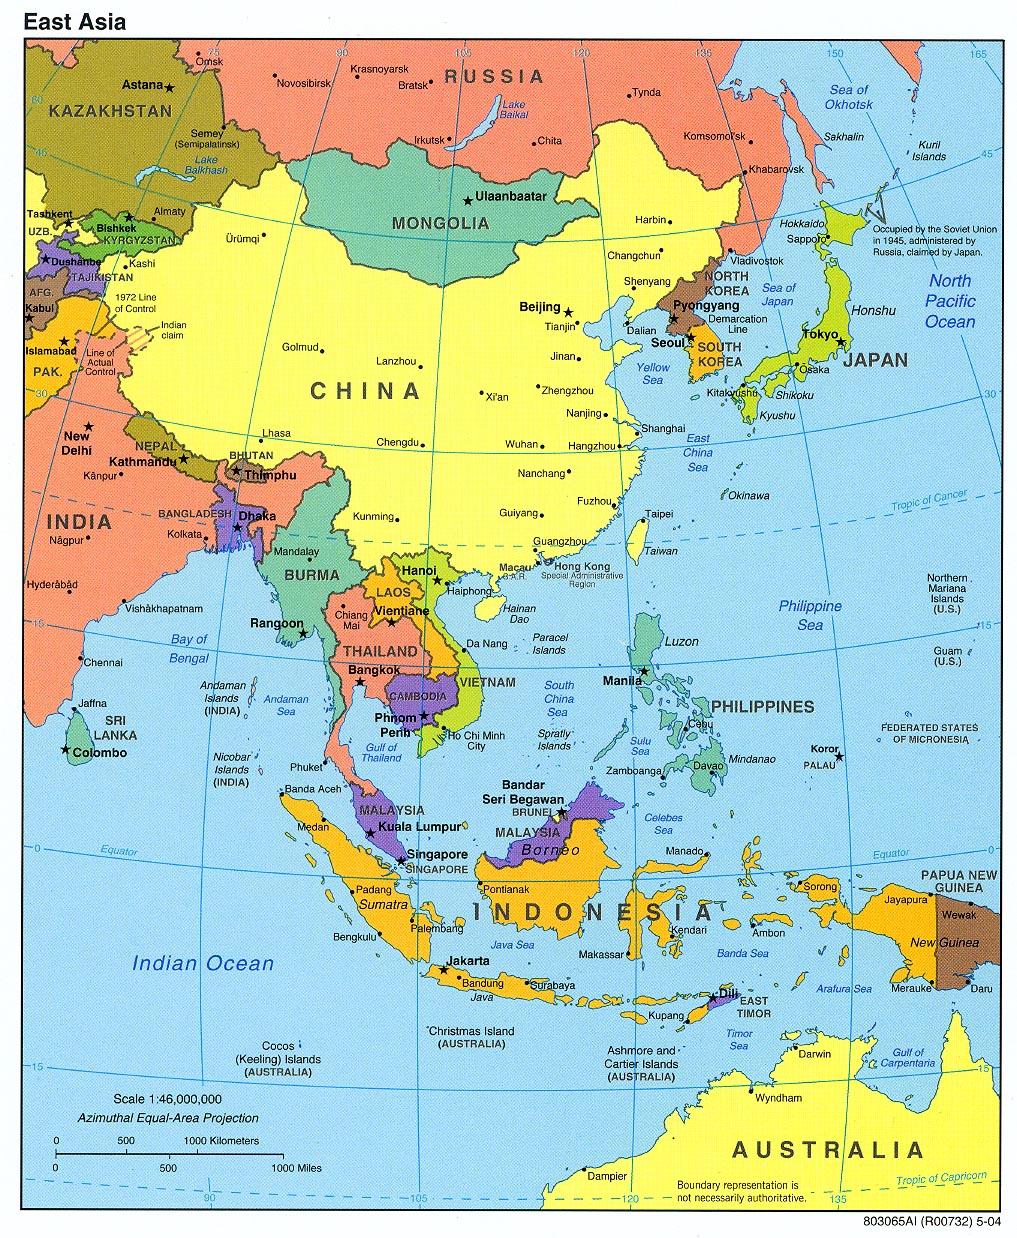 East Asia Industrial Regions